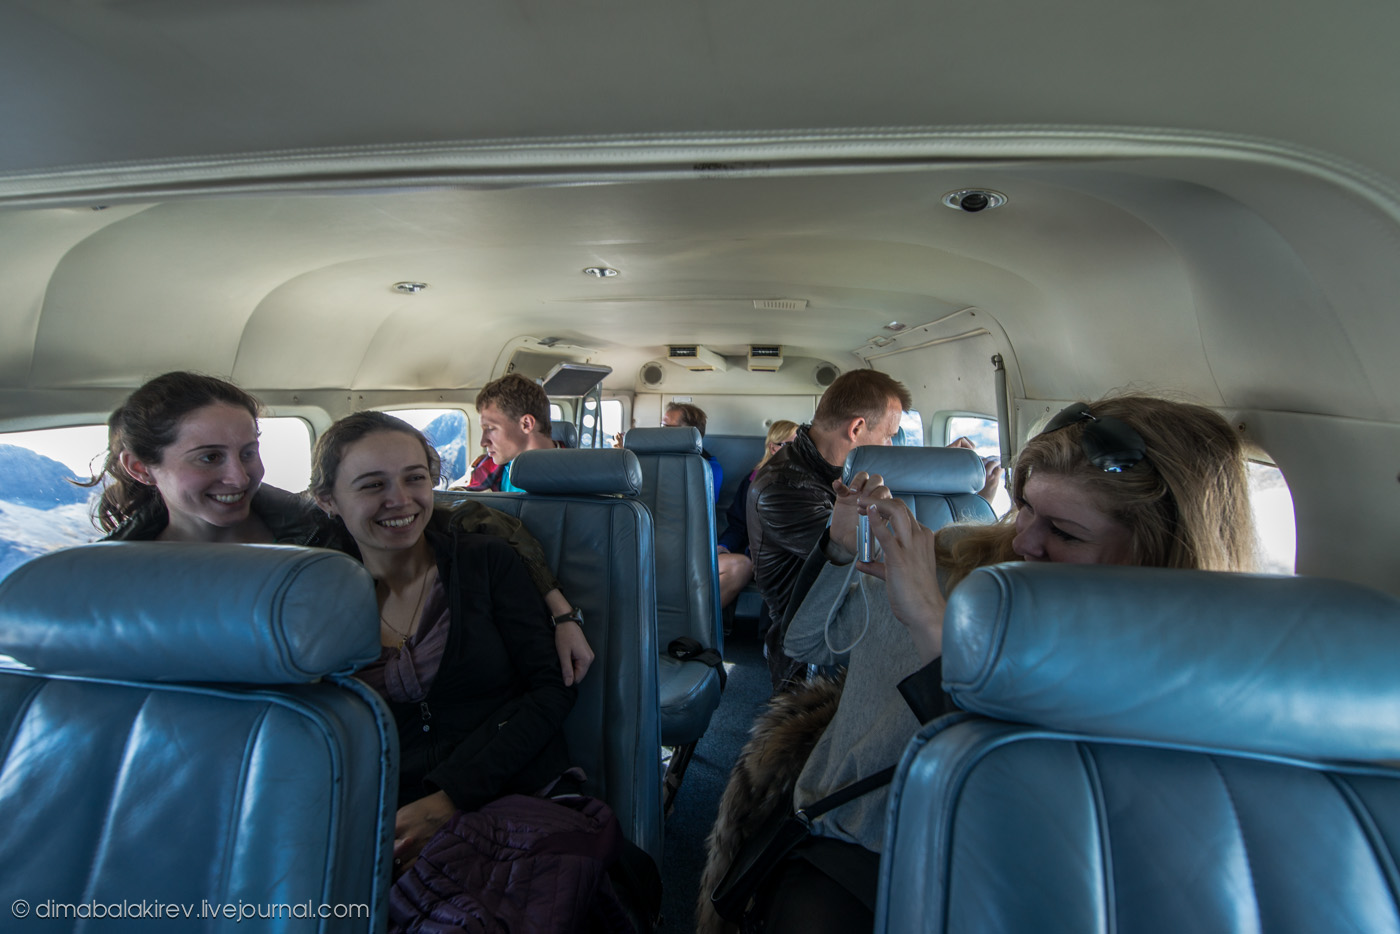 Полёт в Милфорд Саунд, Новая Зеландия